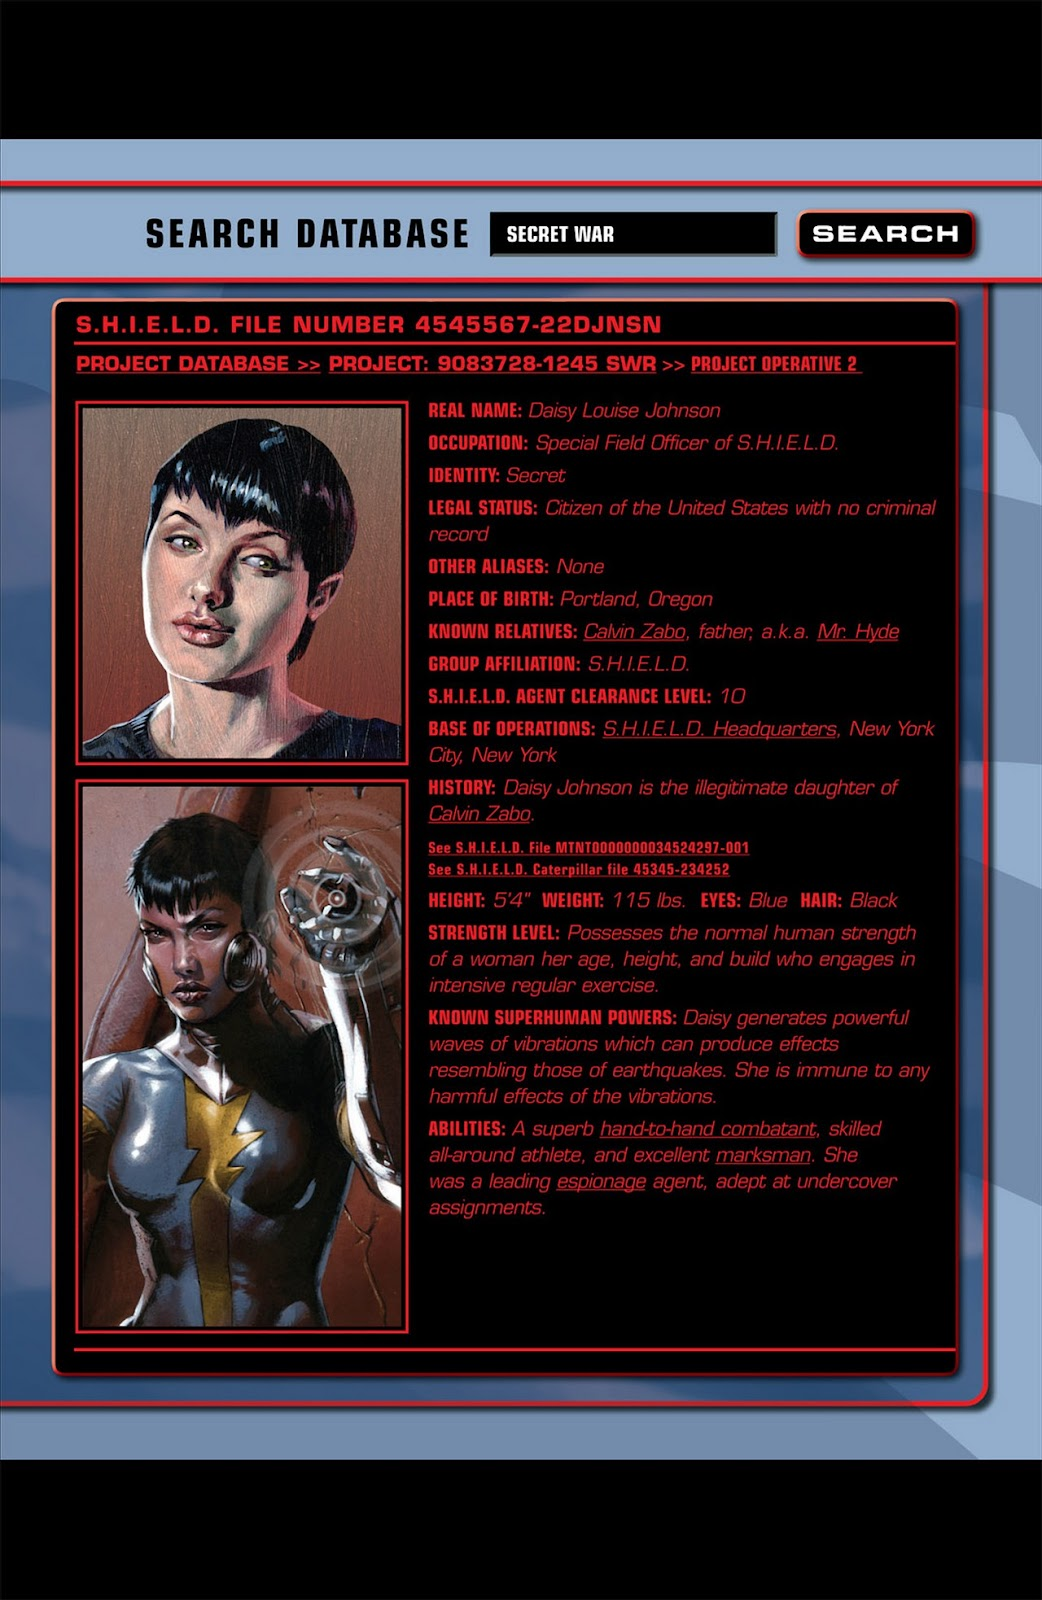 Read online Secret War comic -  Issue #5 - 4